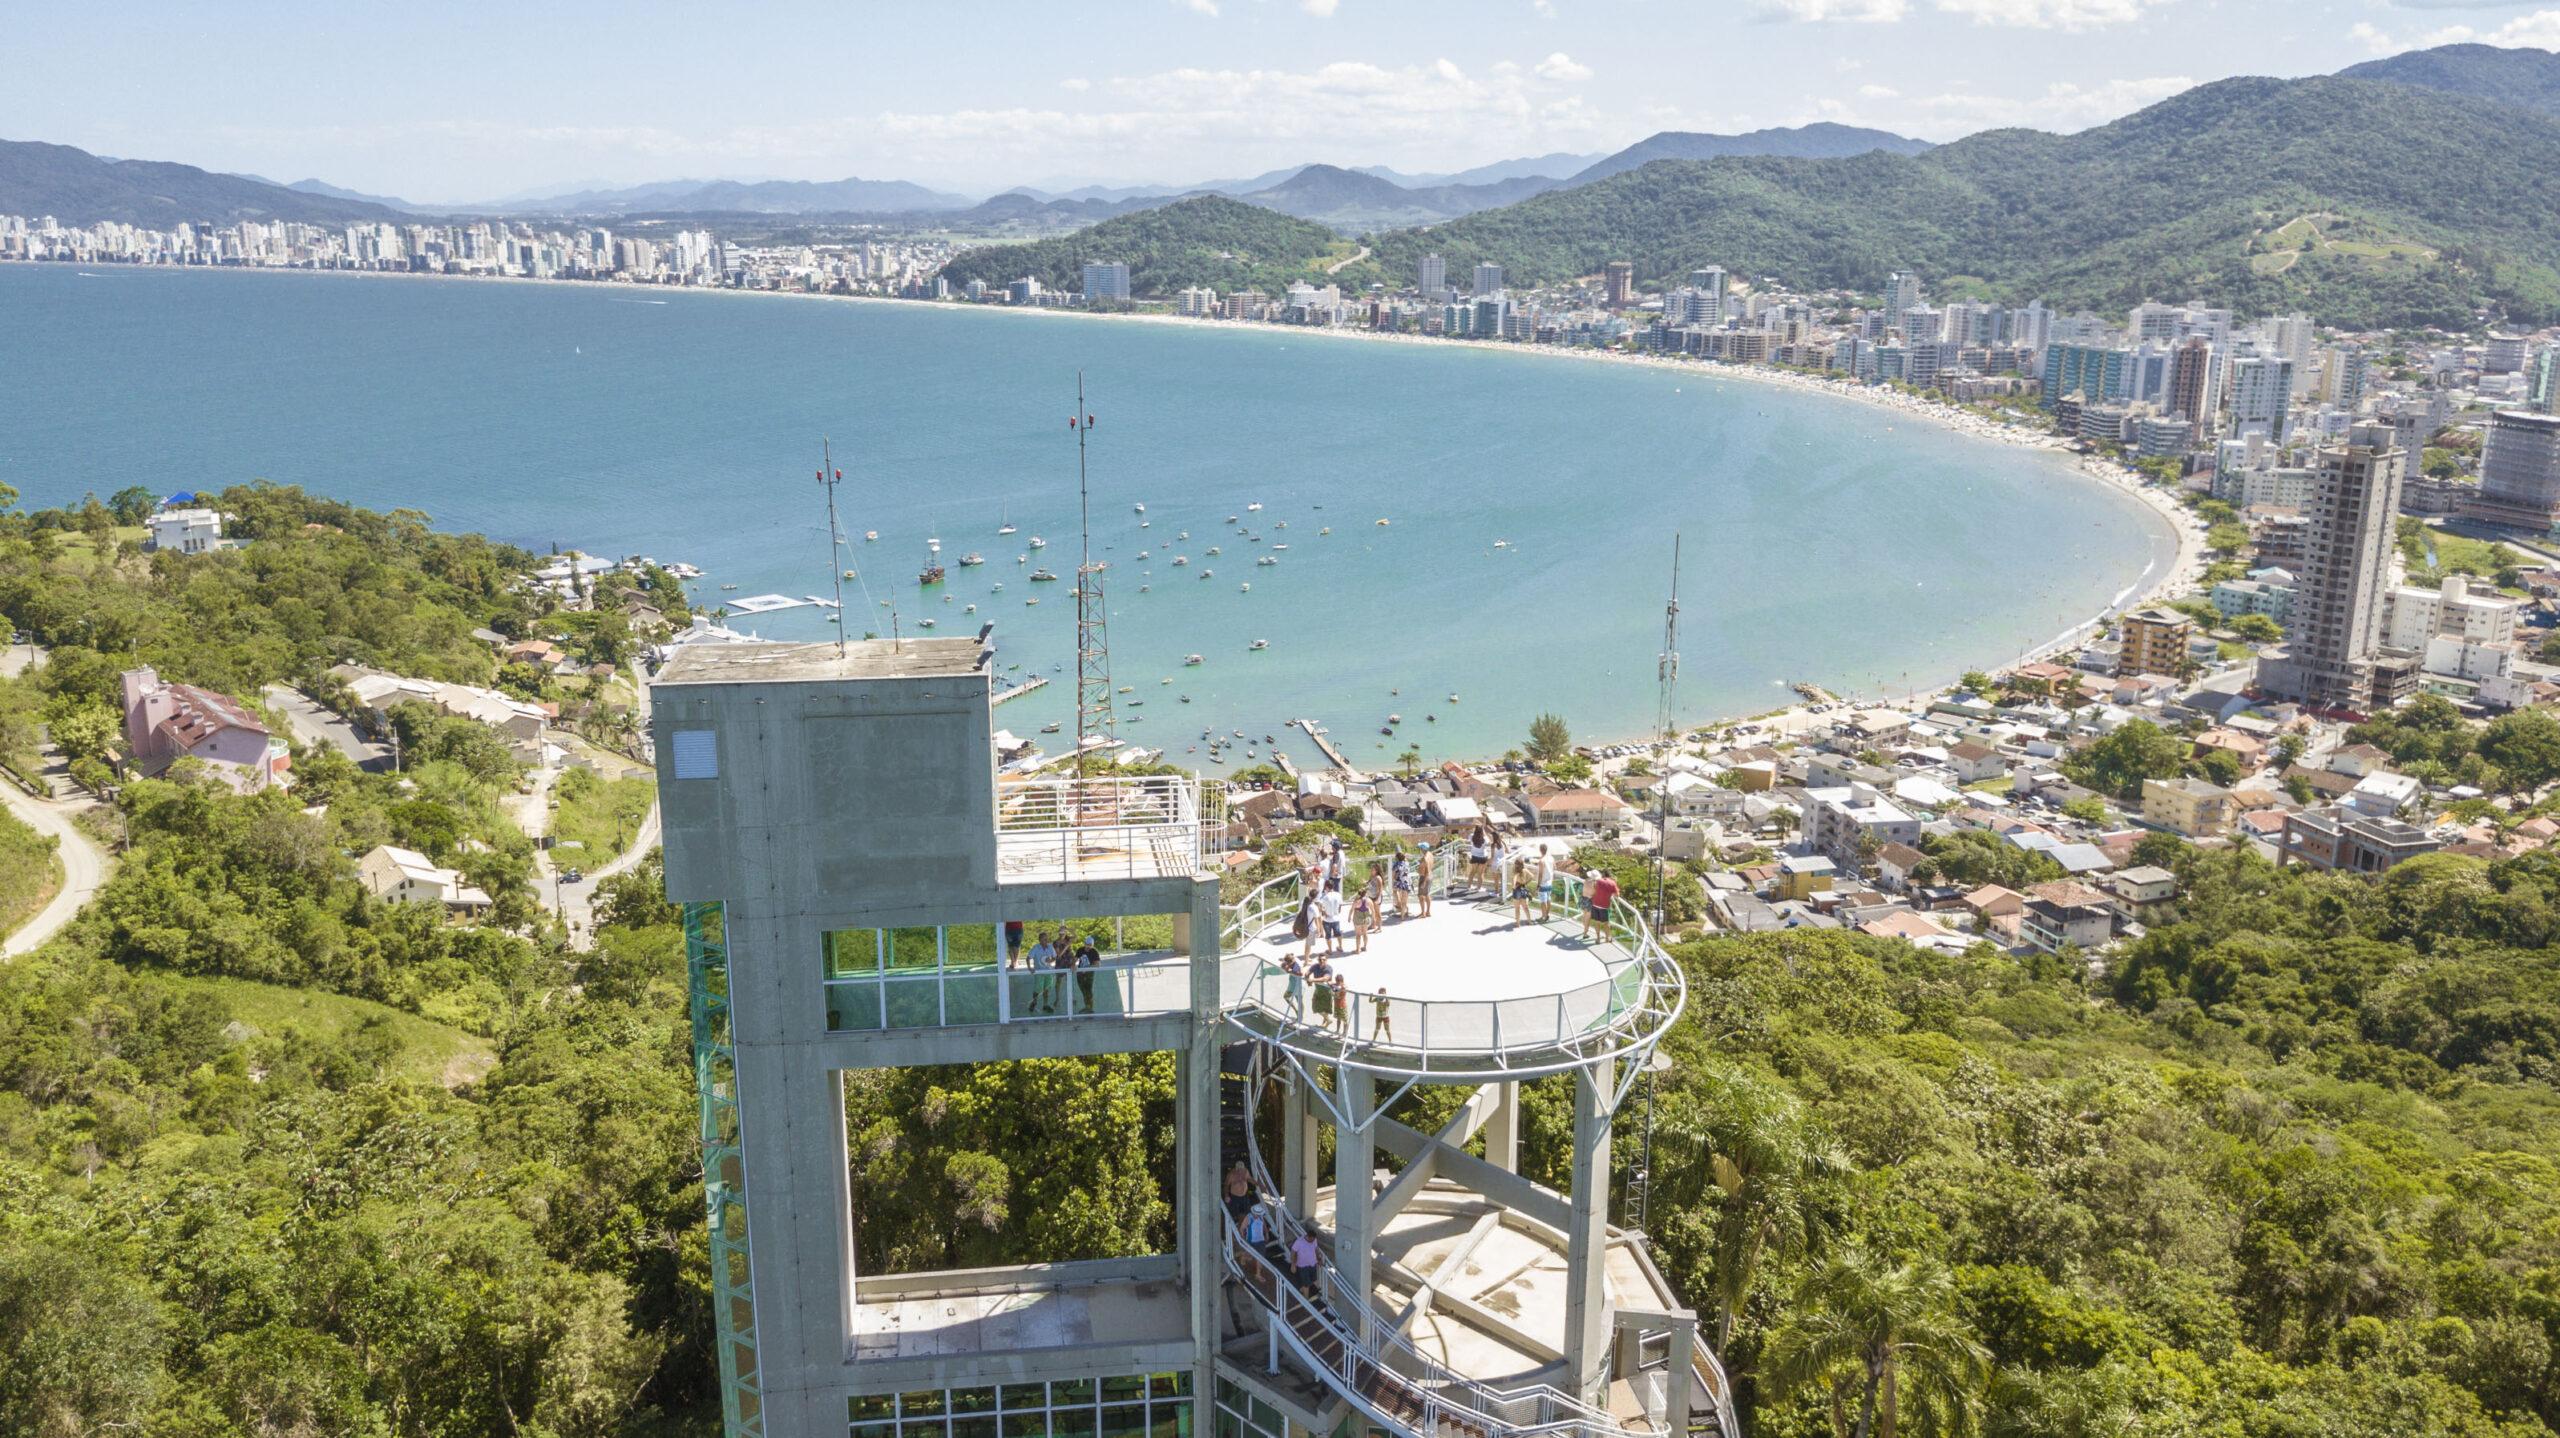 Atrativo Turístico: Mirante do Encanto completa nove anos de fundação em Itapema